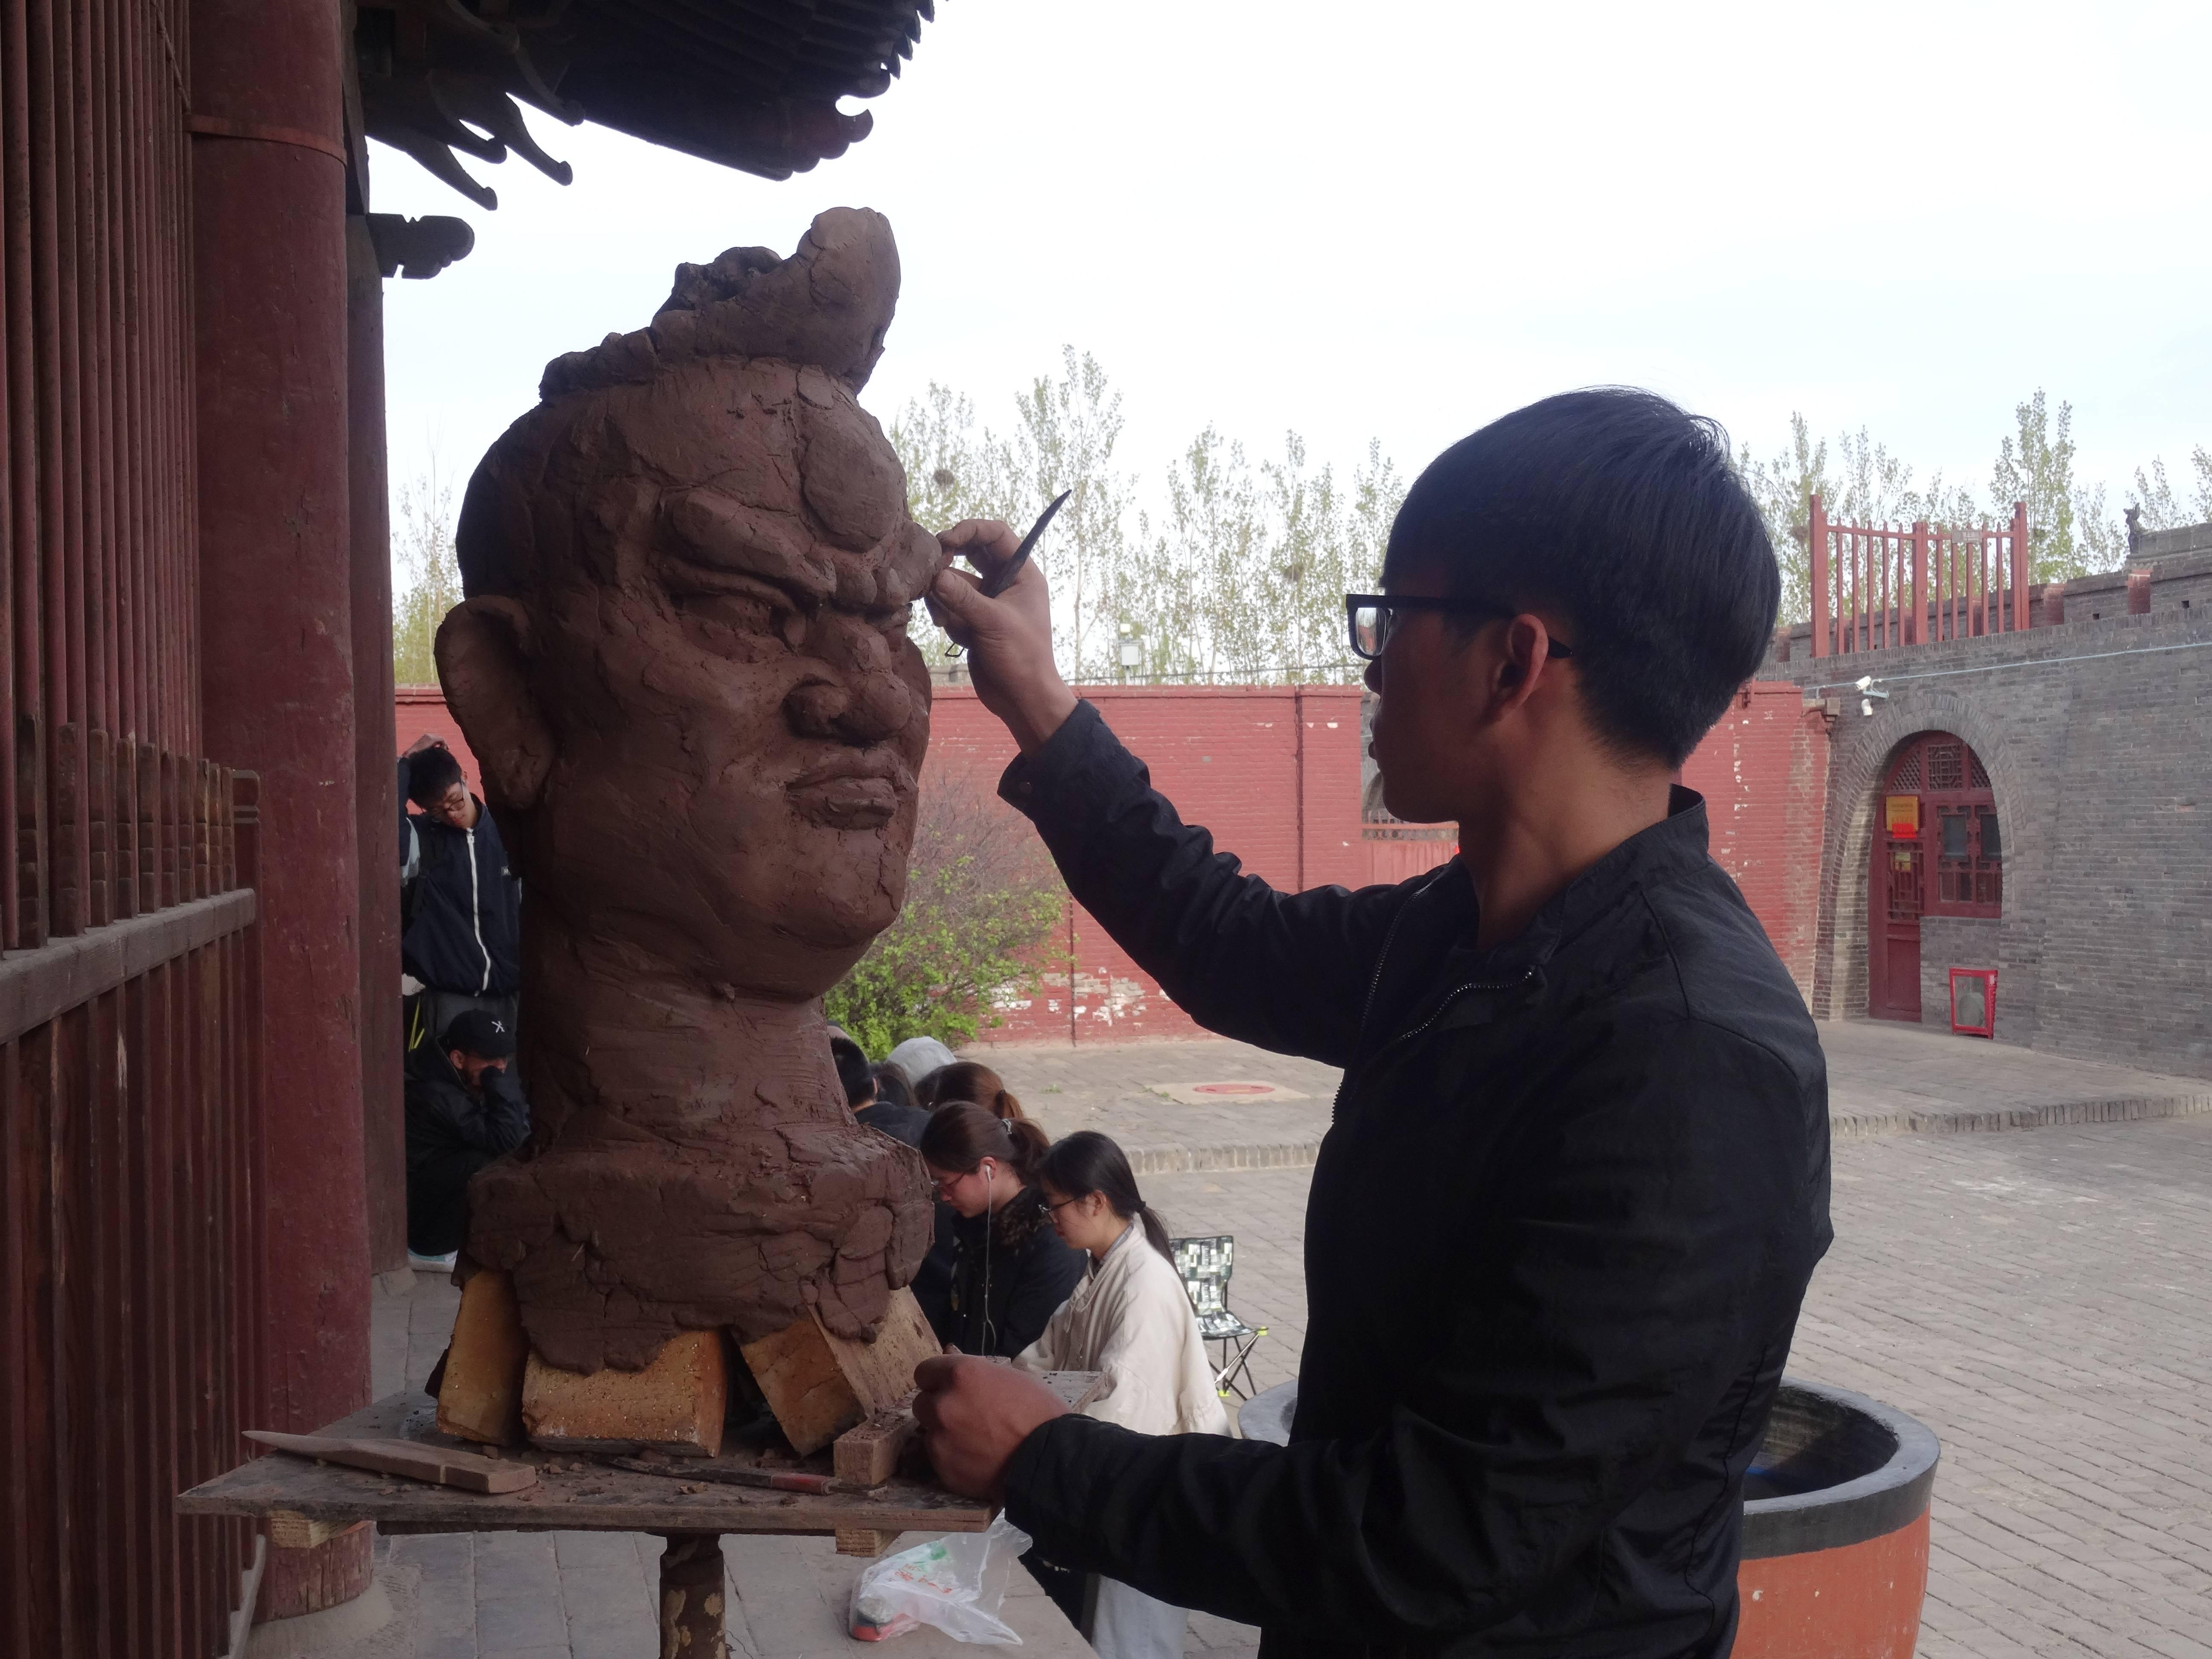 Photo 3: Temple Shuanglin à Pingyao, Chine. Enfin un endroit rempli de quiétude.....